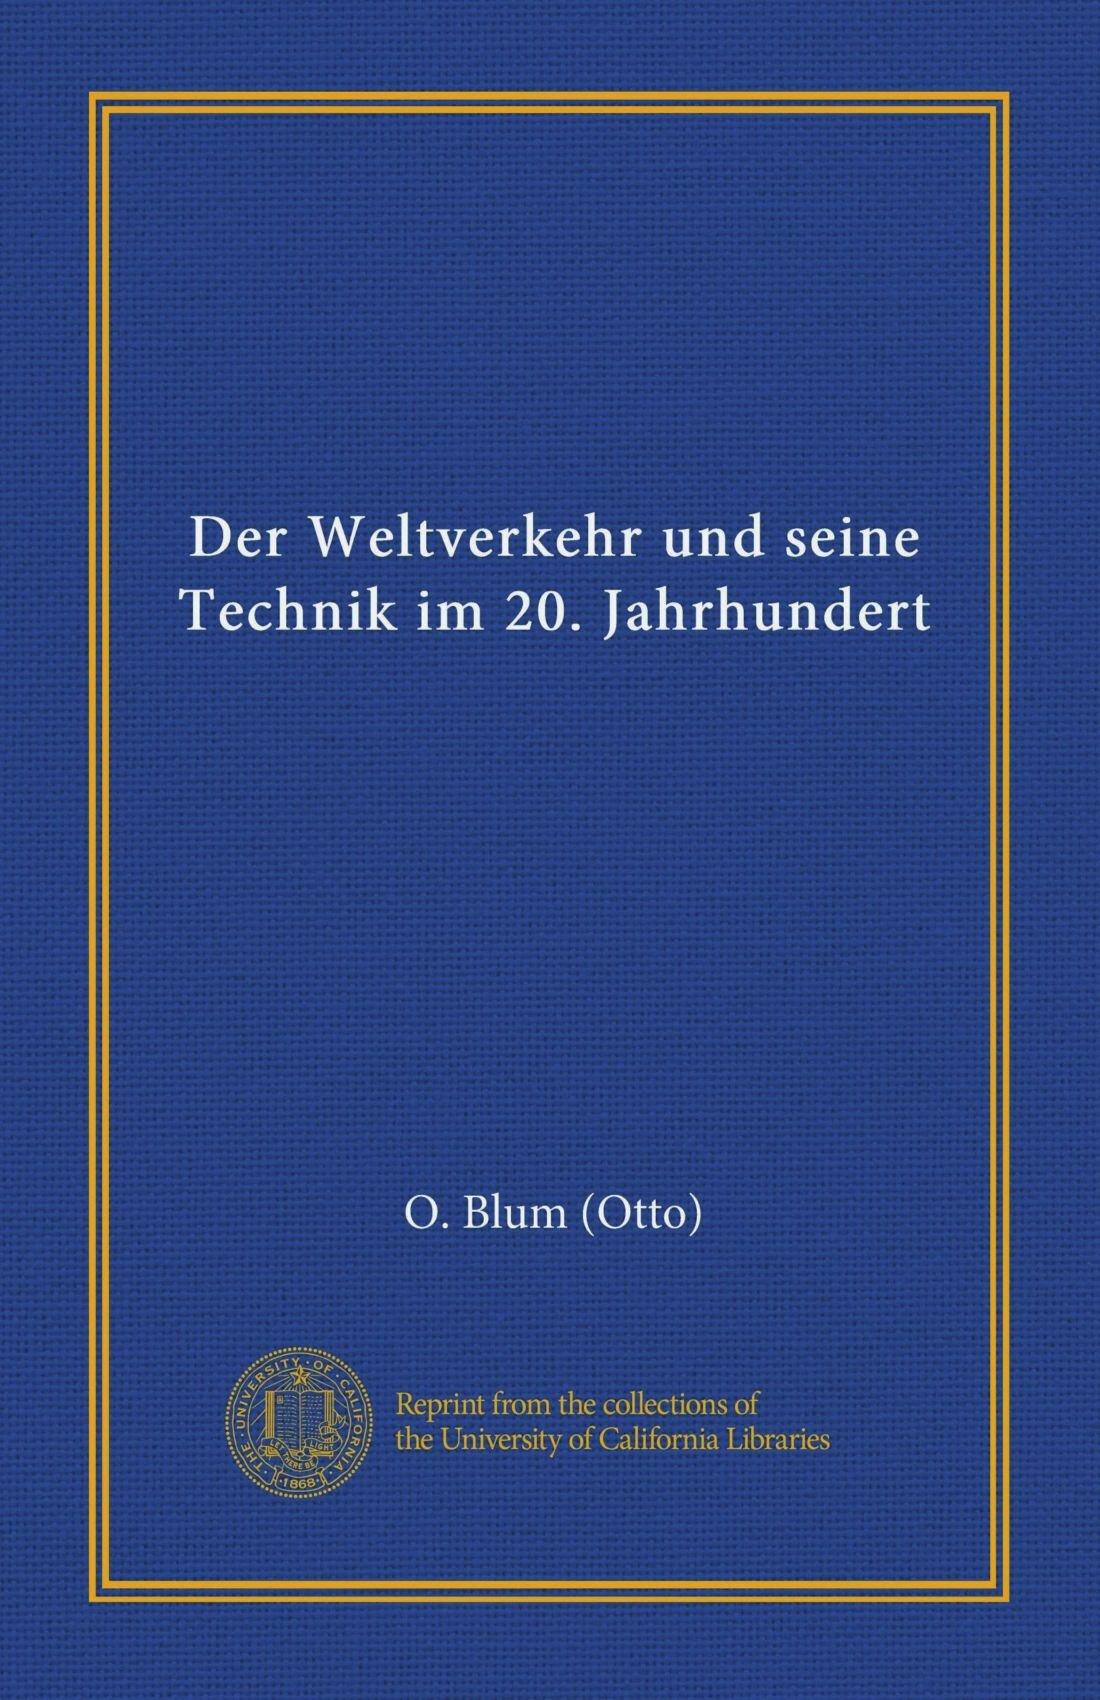 Download Der Weltverkehr und seine Technik im 20. Jahrhundert (Vol-1) (German Edition) pdf